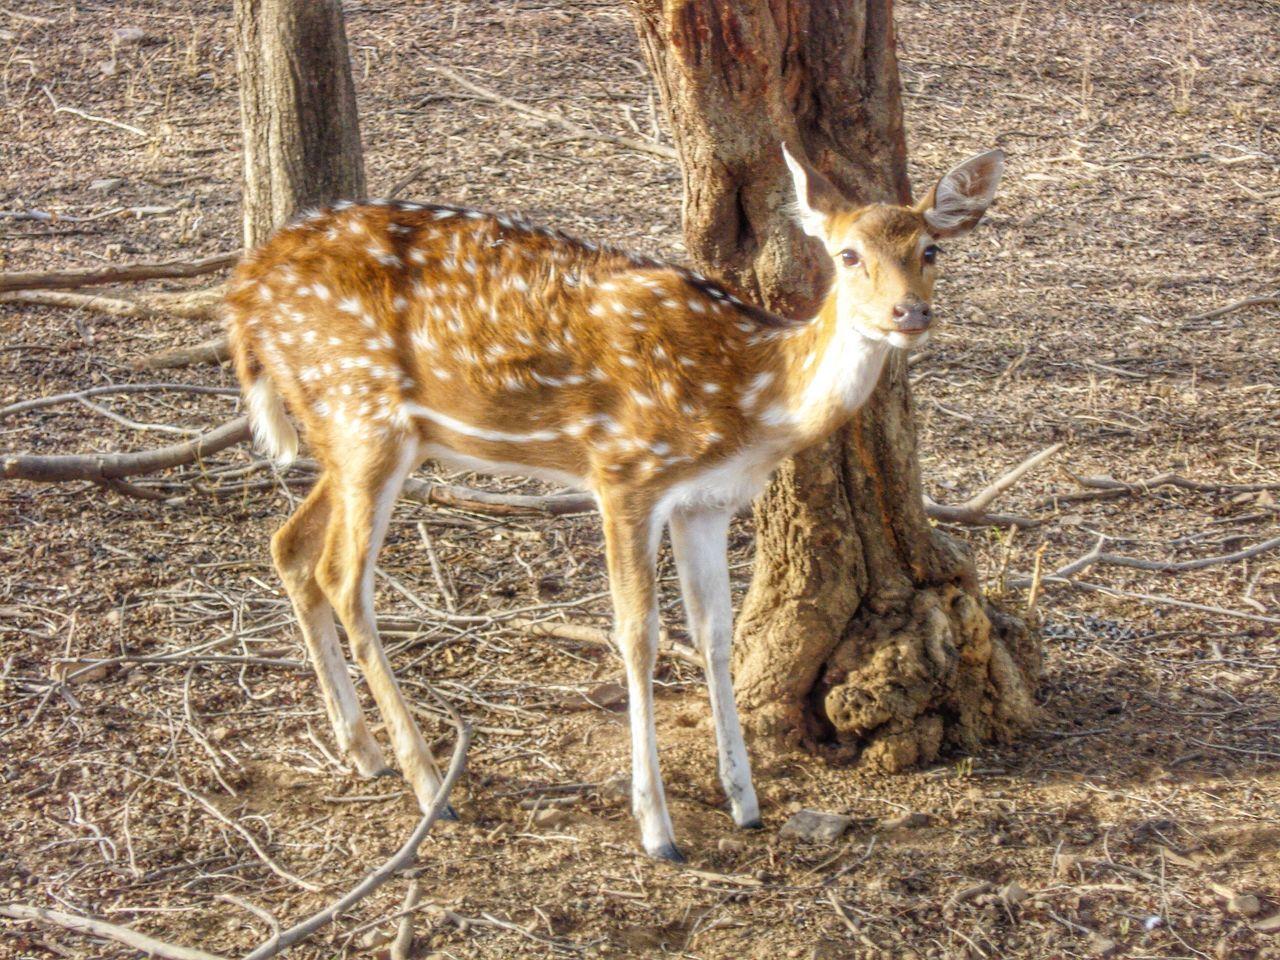 Deer Standing By Tree In Field